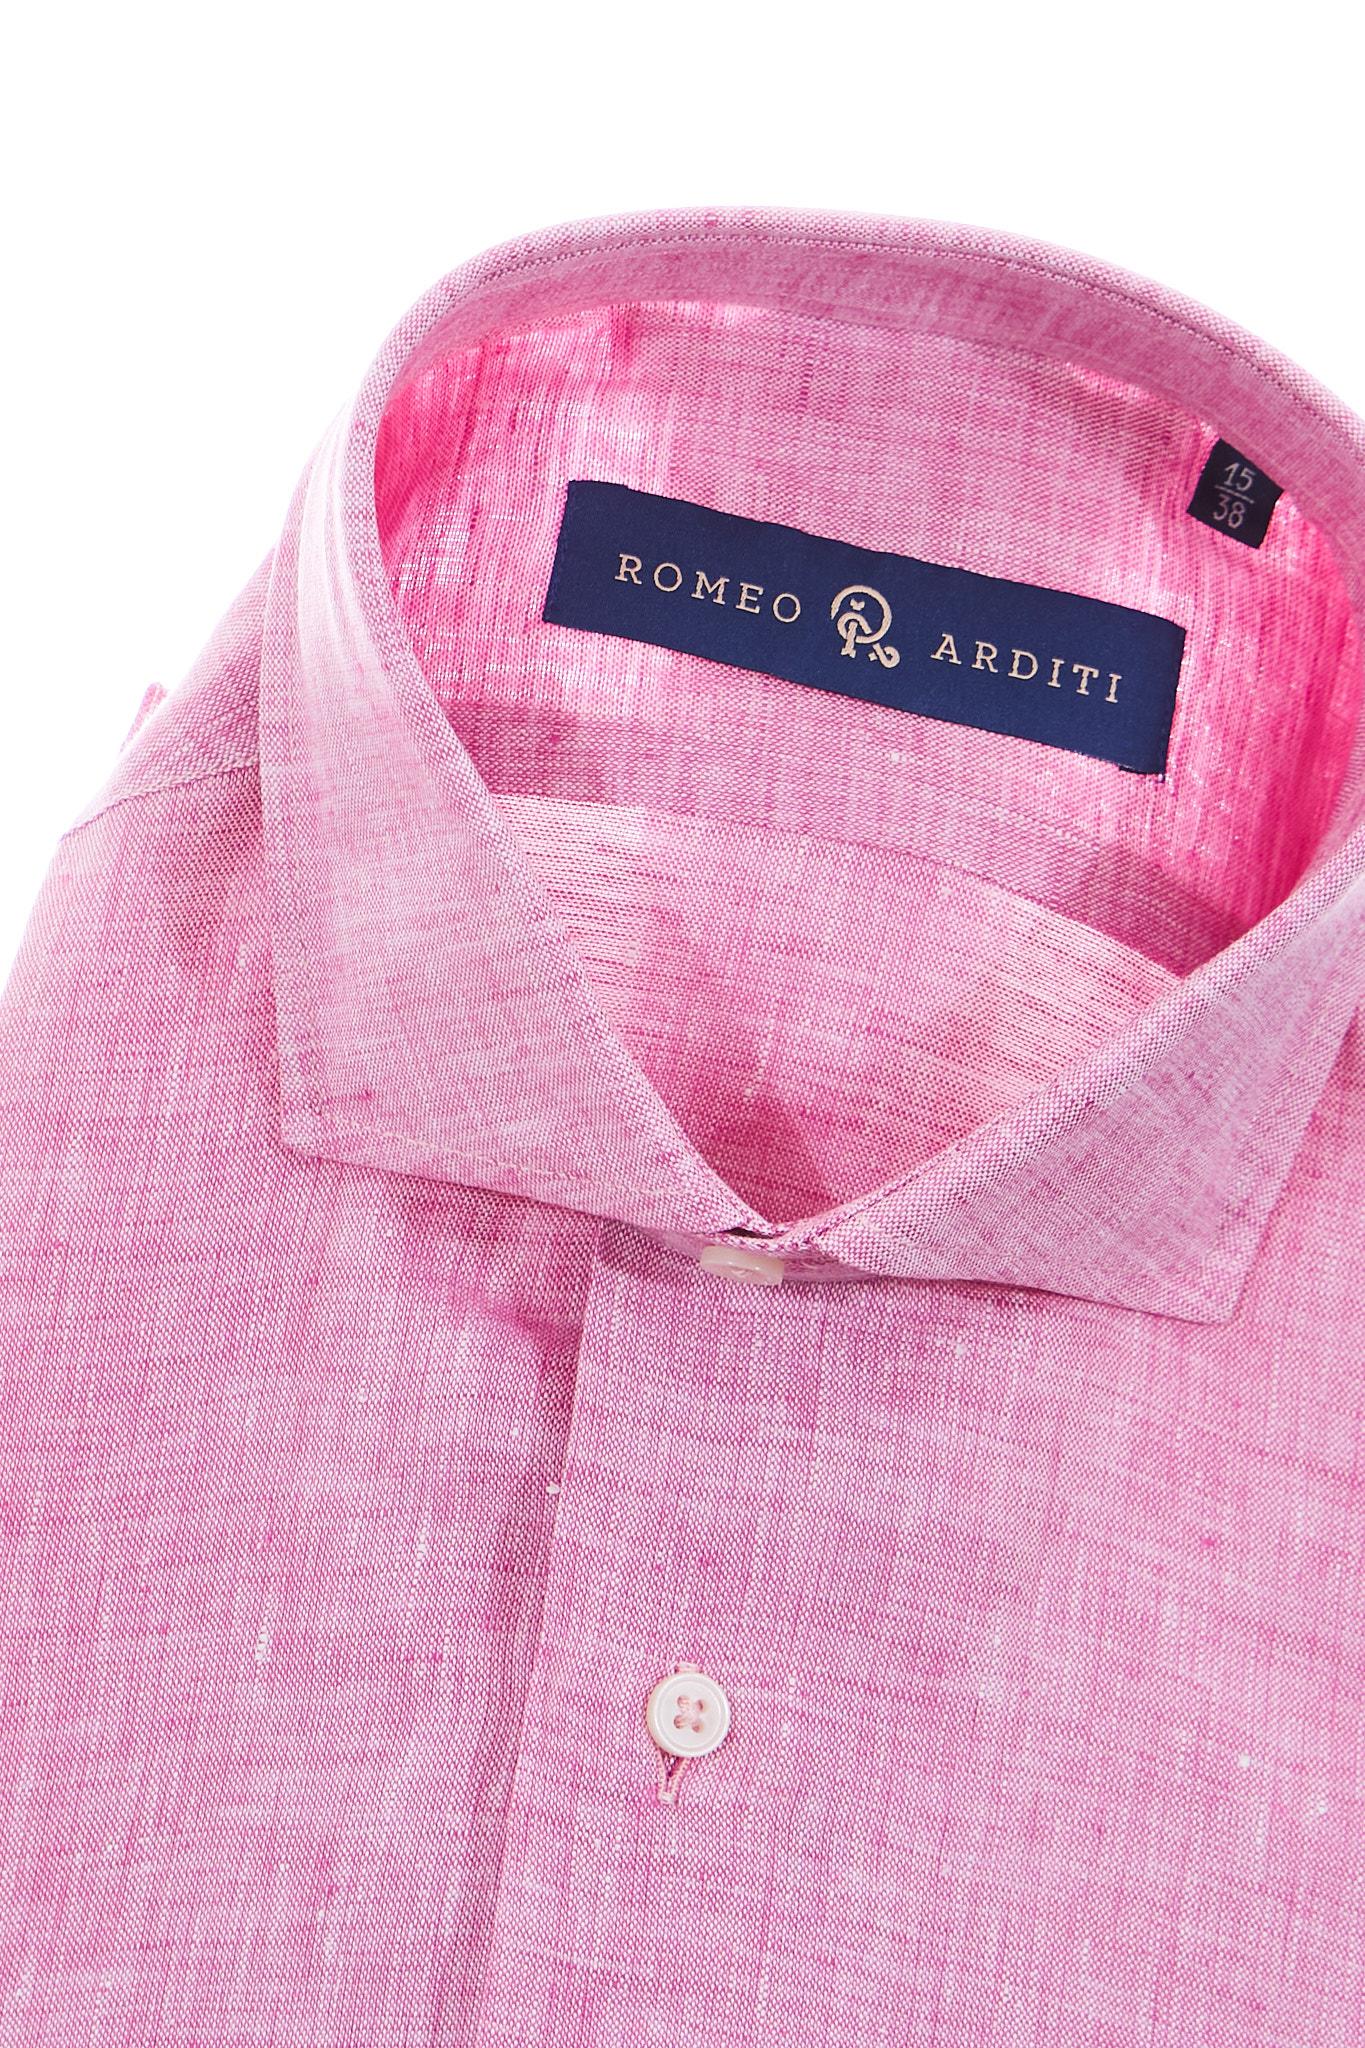 Camicia ROMEO ARDITI | Camicia | TS0554029